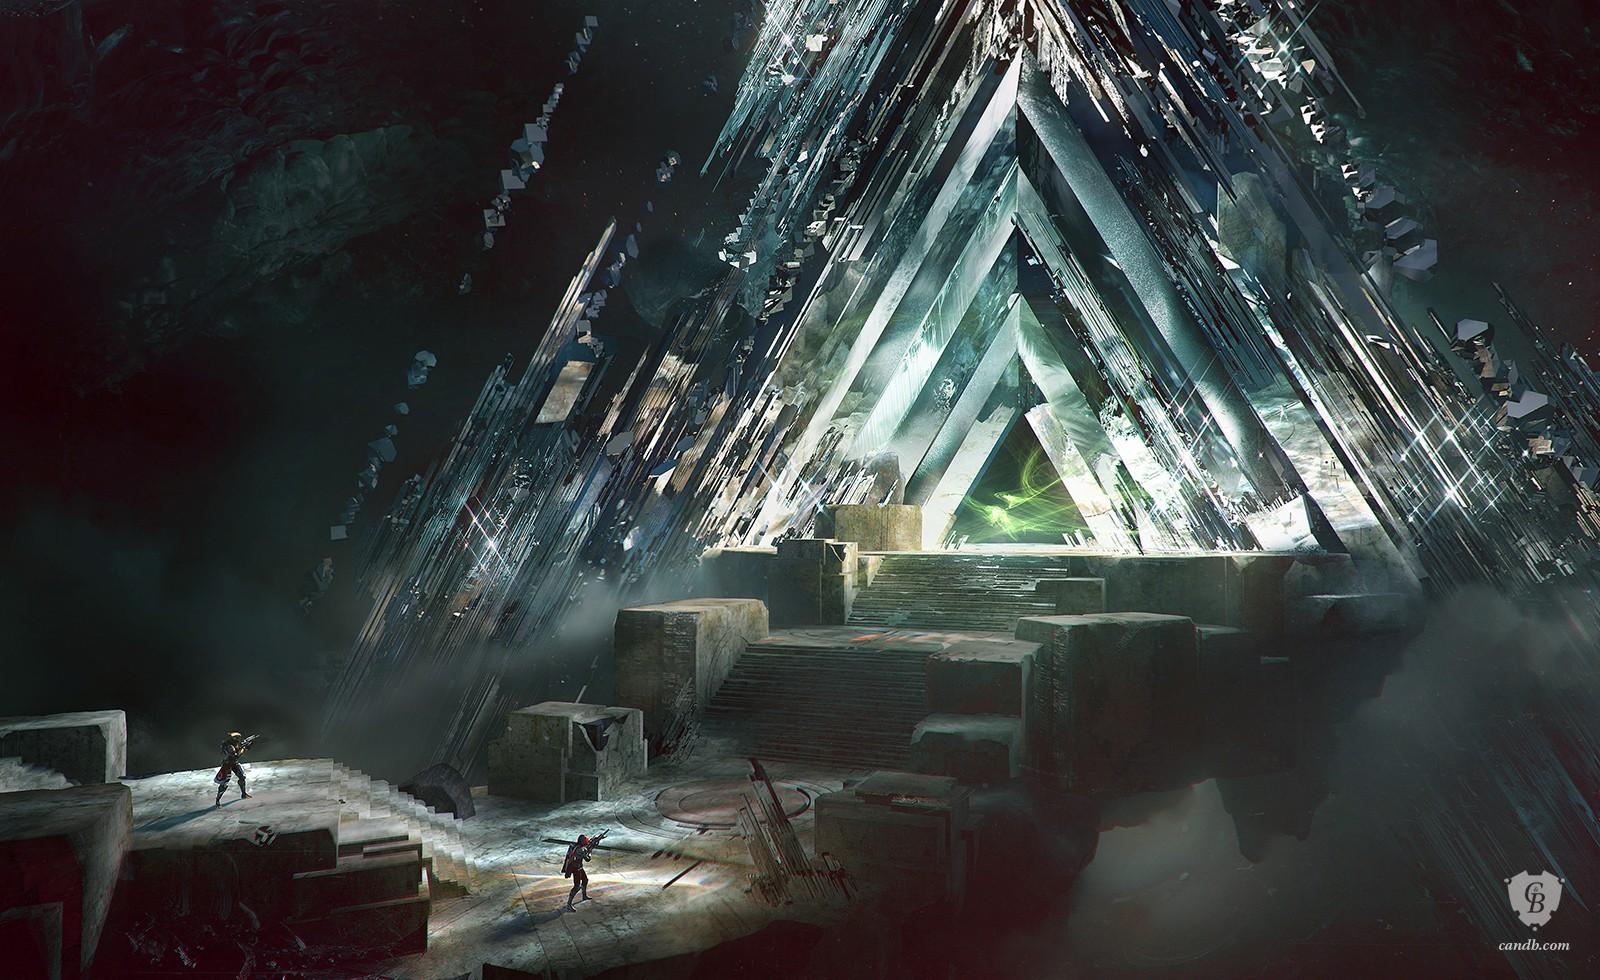 Artwork Vault of Glass - Destiny Bungie - candb.com